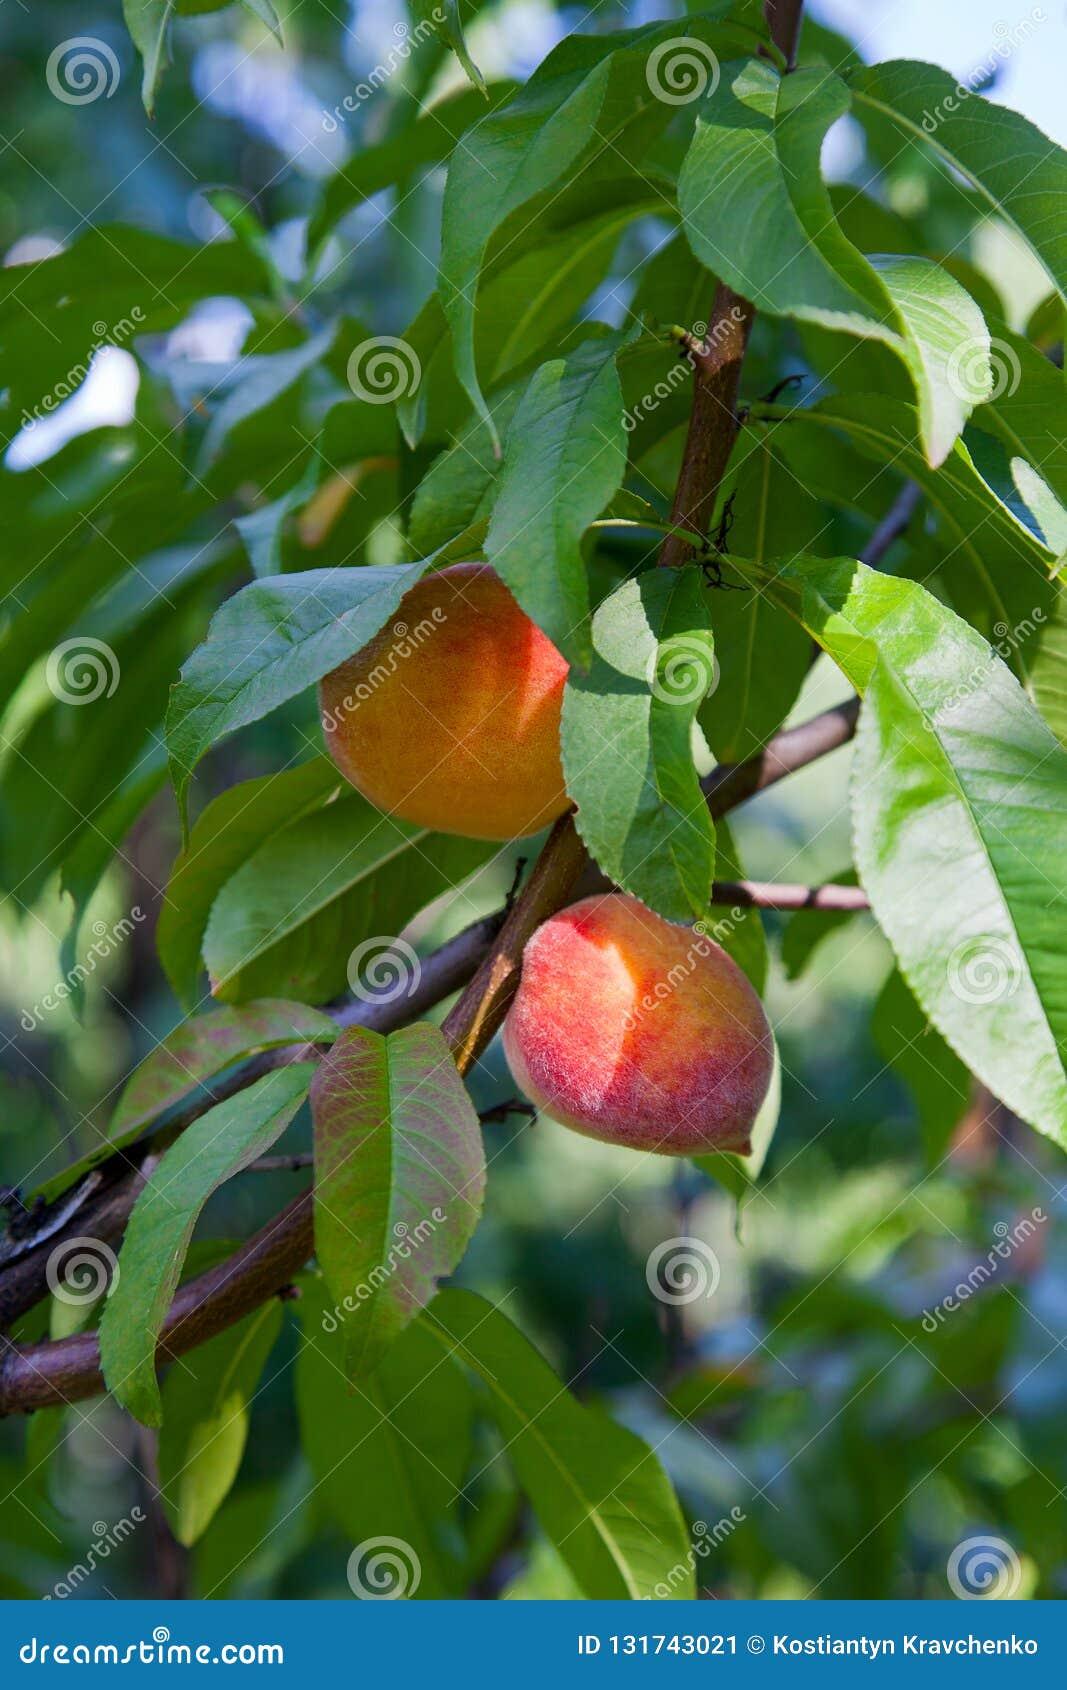 Melocotones maduros en rama de árbol